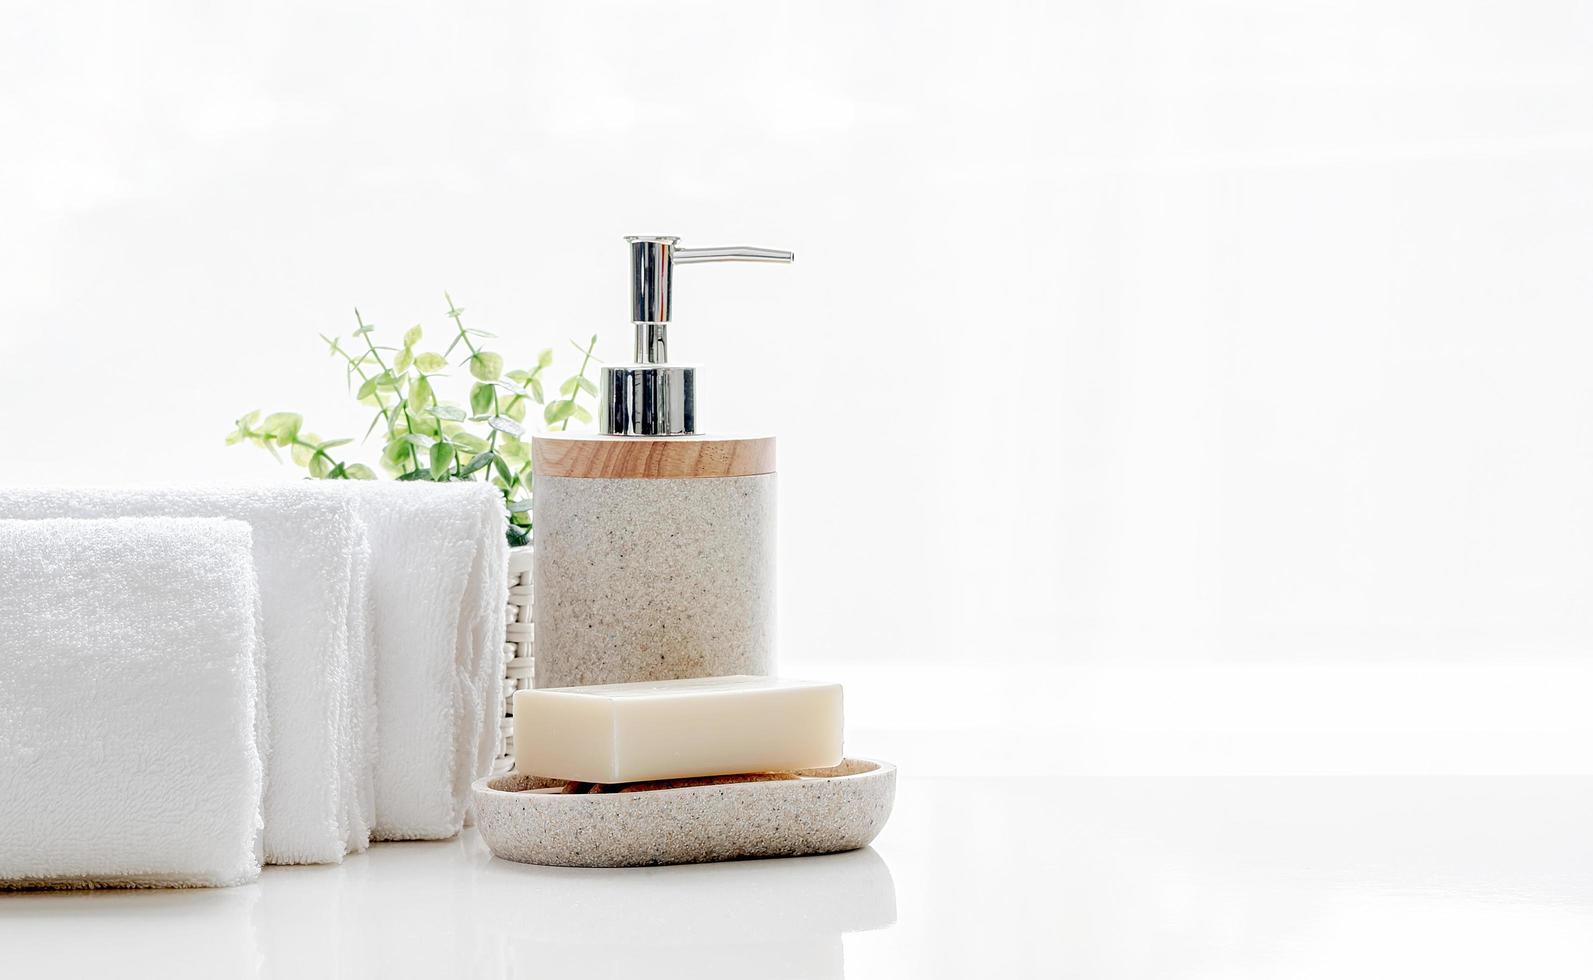 Nettoyer les serviettes en éponge douce avec du savon sur le tableau blanc photo